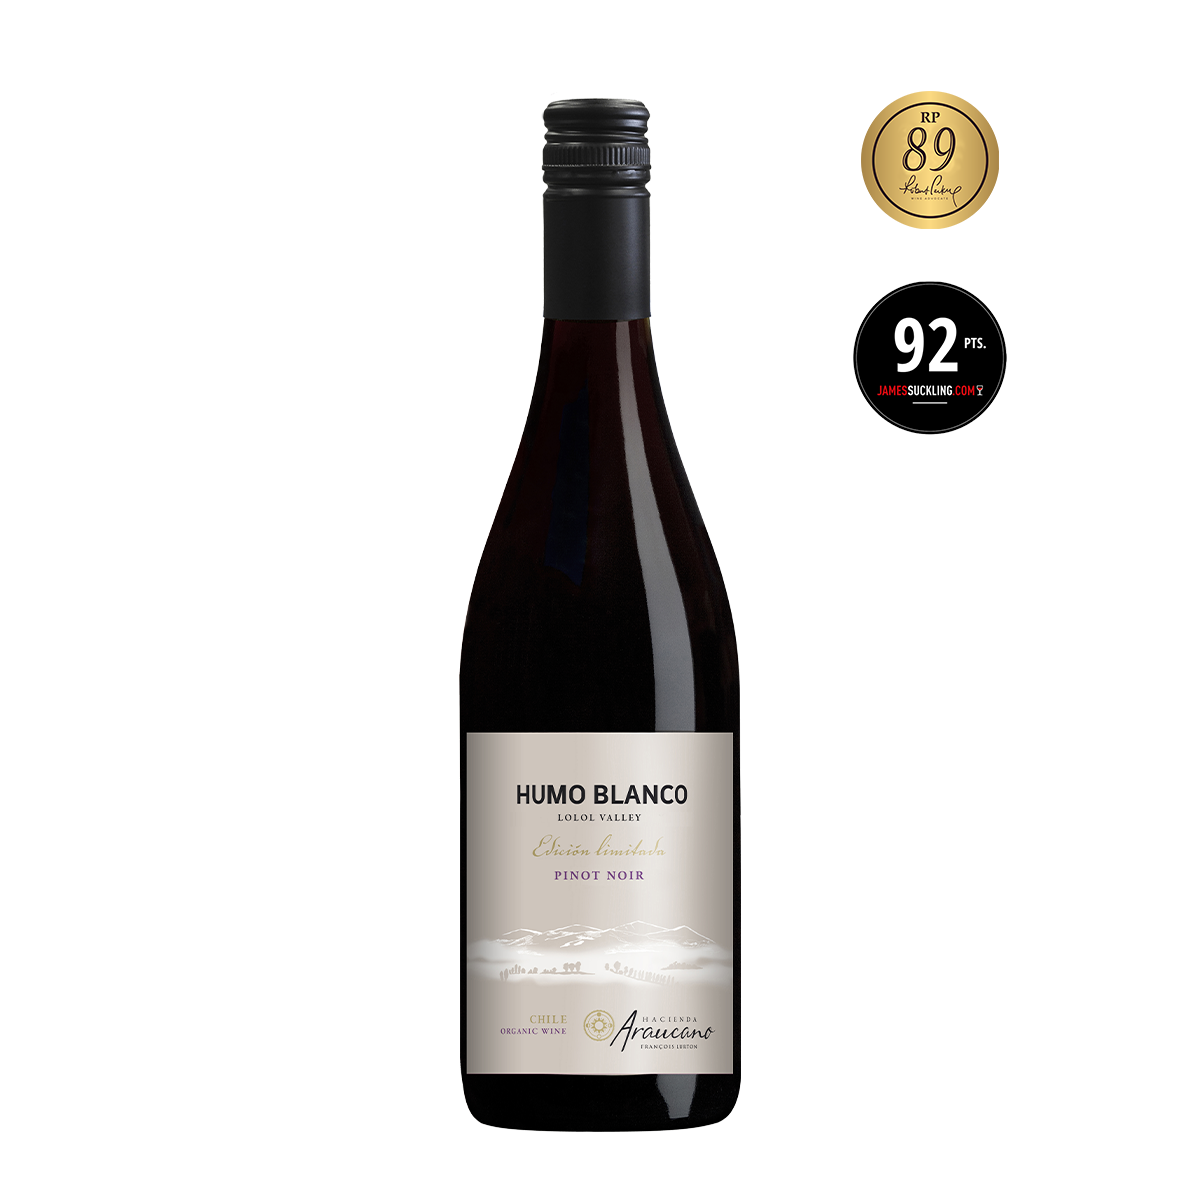 CHL1107 智利魯頓谷人莊園白雲黑皮諾限量紅酒(有機葡萄酒)Hacienda Araucano Humo Blanco Edición Limitada Pinot Noir, Lolol Valley(Organic Wine) (750ML)